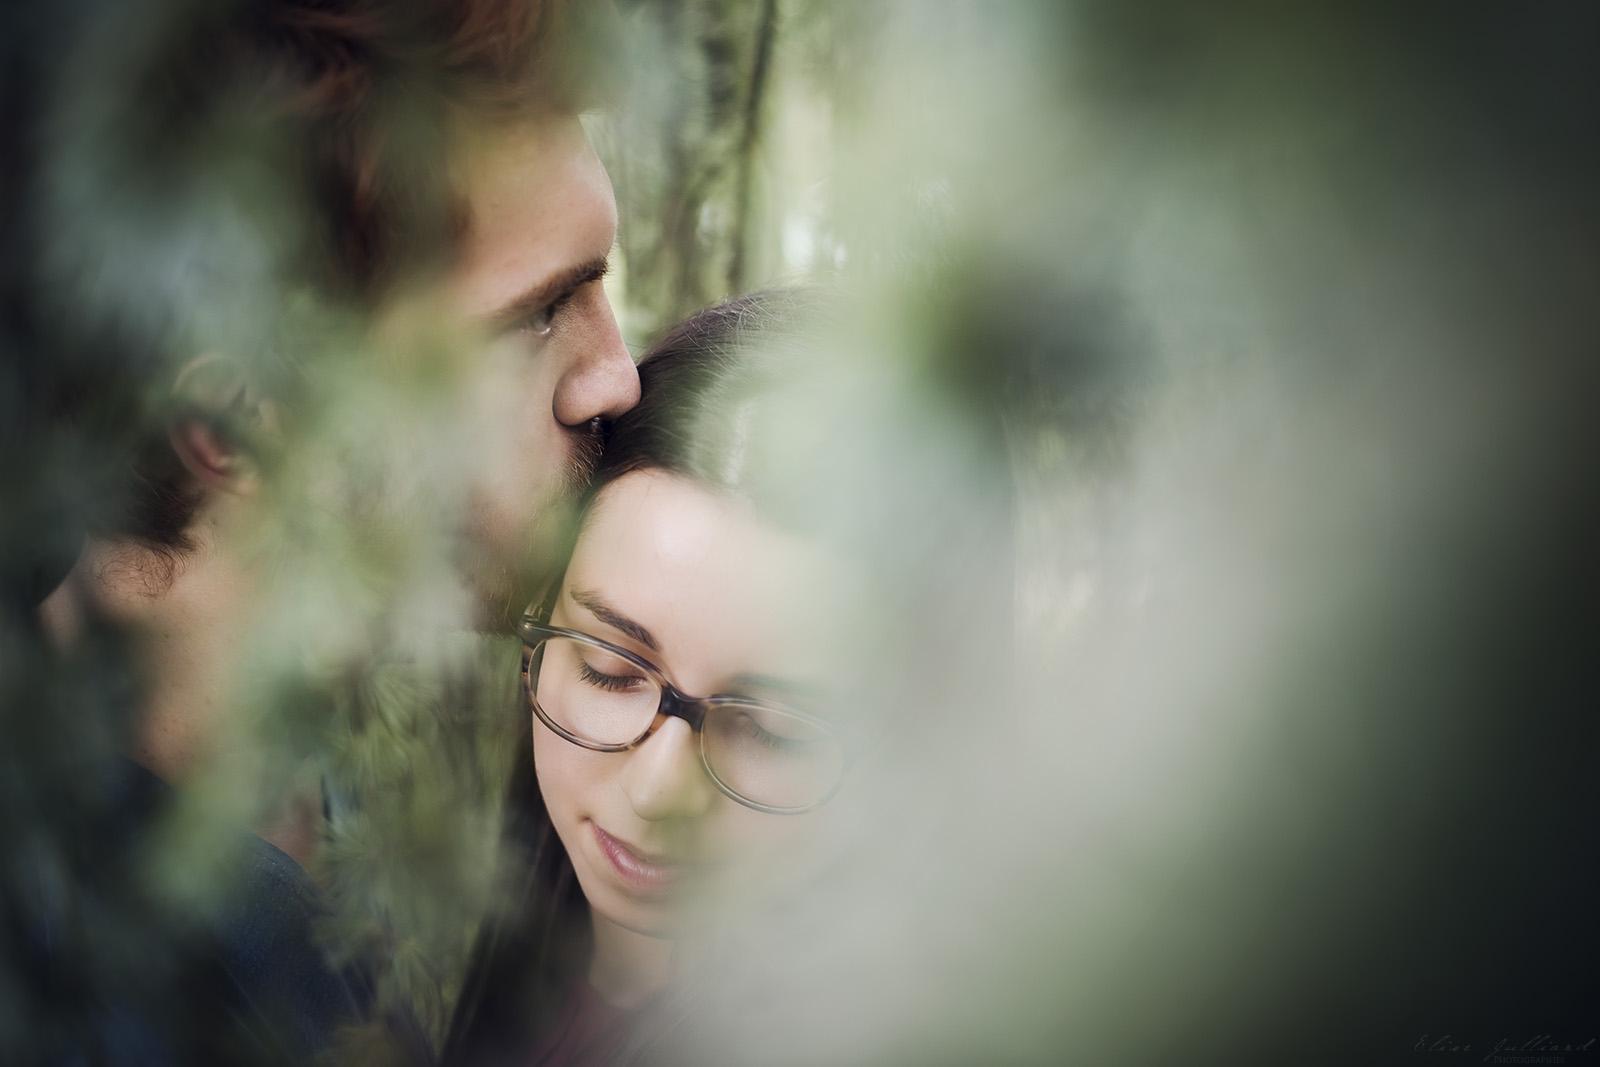 seance-photo-couple-amour-amoureux-lyon-auvergne-rhone-alpes-mariage-engagement-love-session-parc-de-la-tete-dor-only-photographe-elise-julliard-9